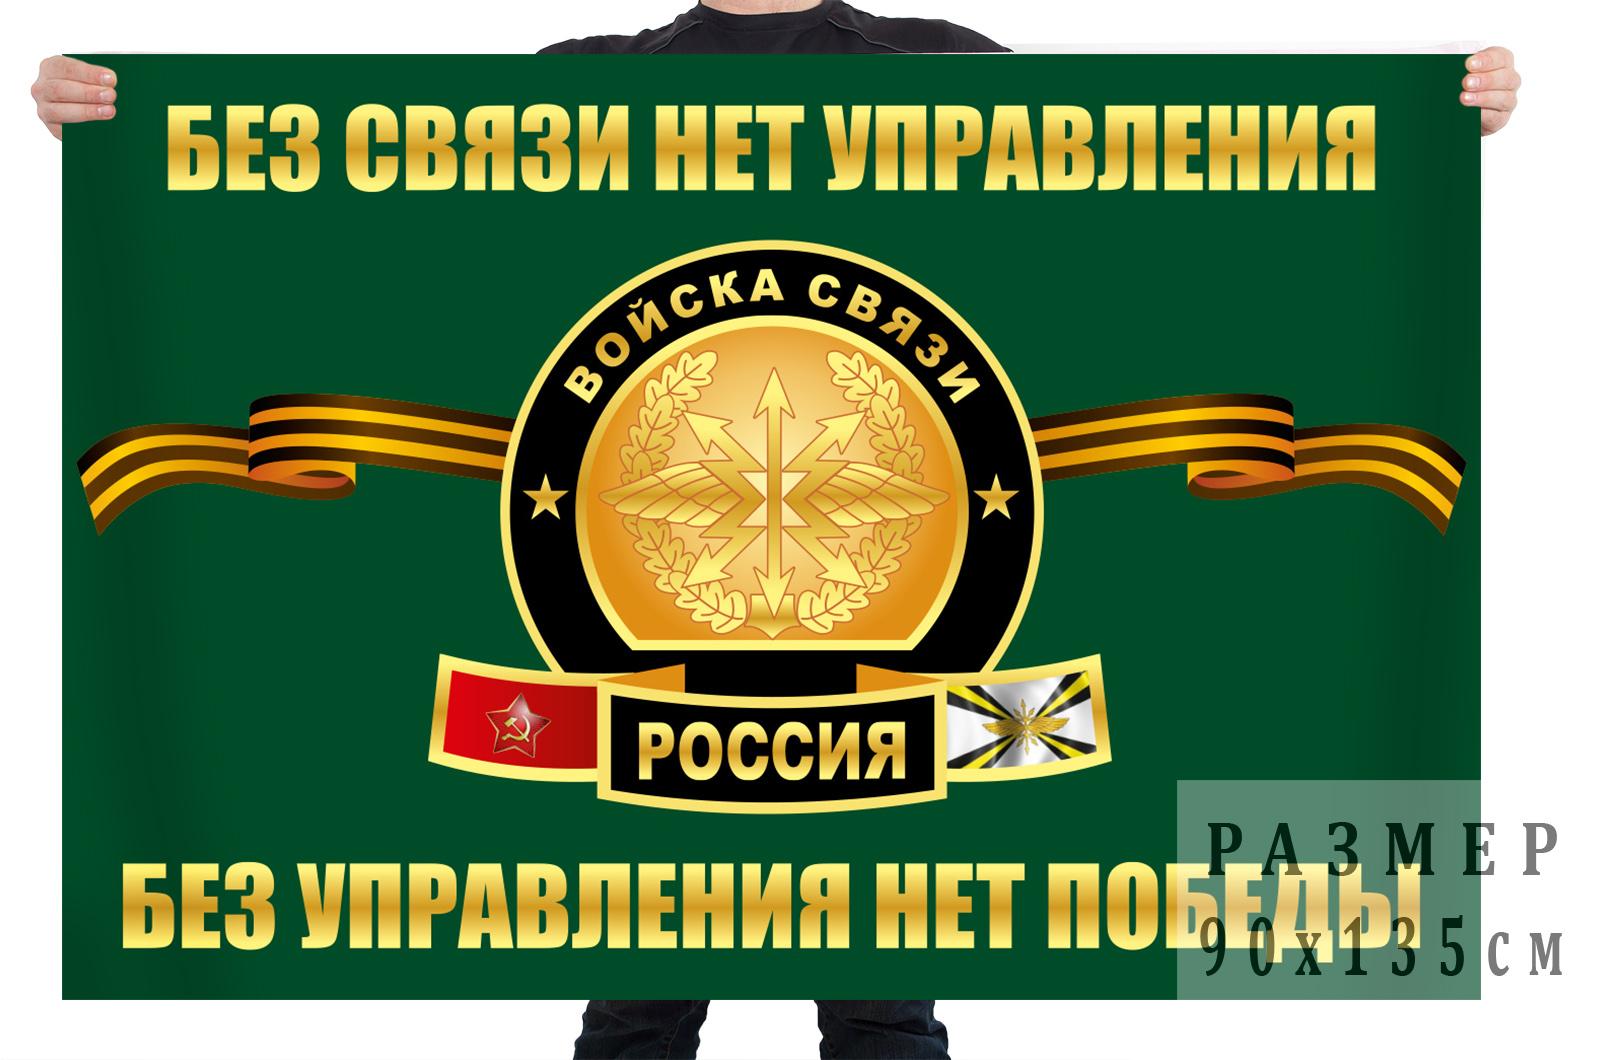 Флаг Войска связи России